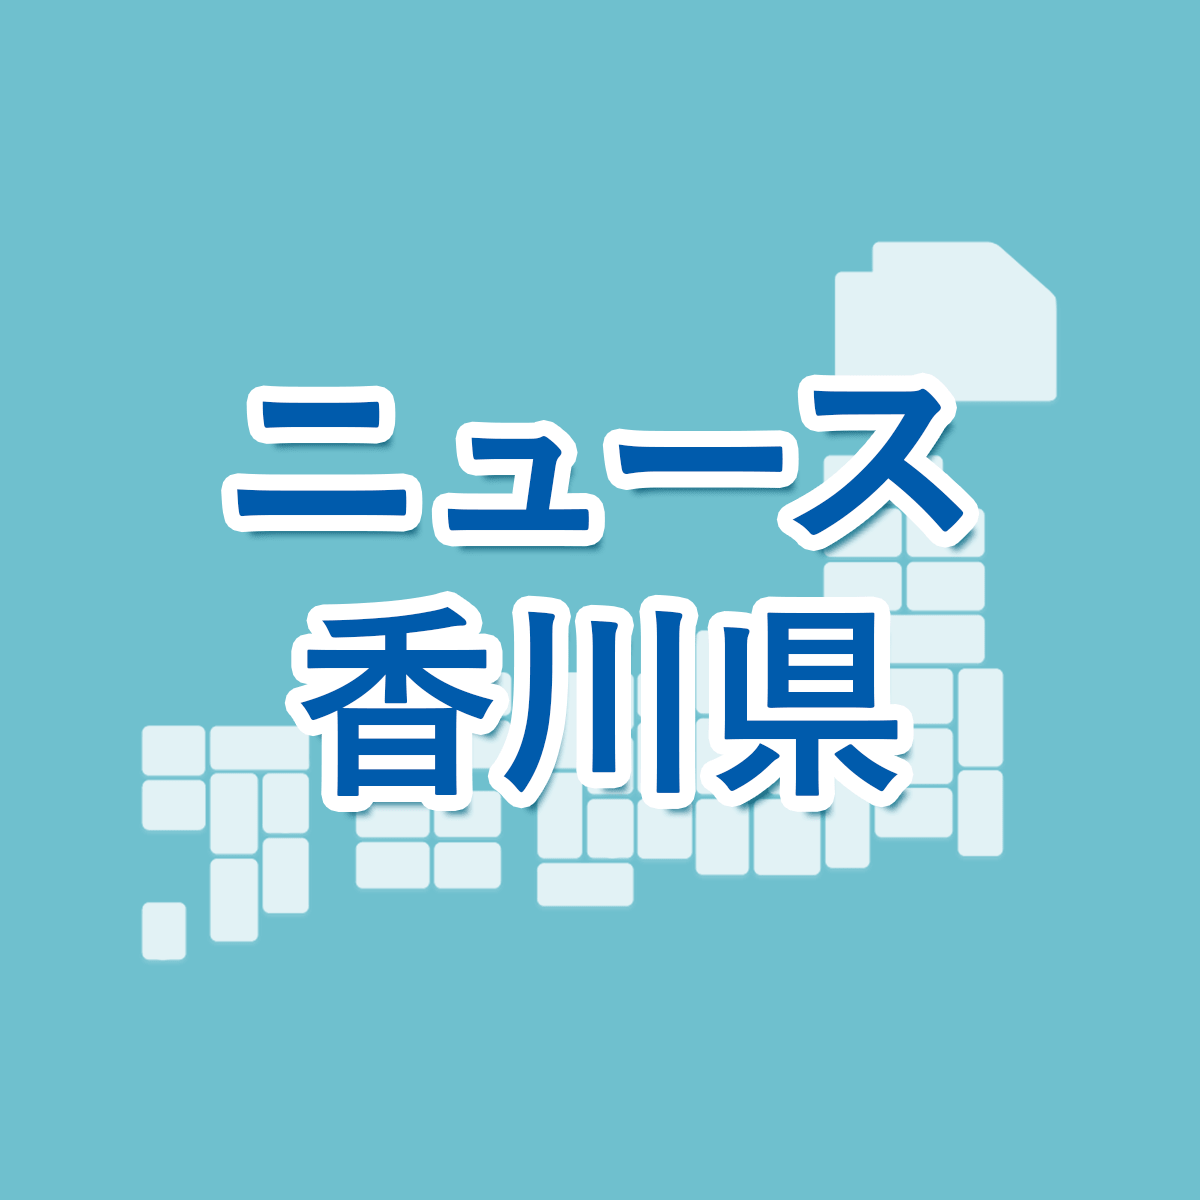 香川 大学 出願 状況